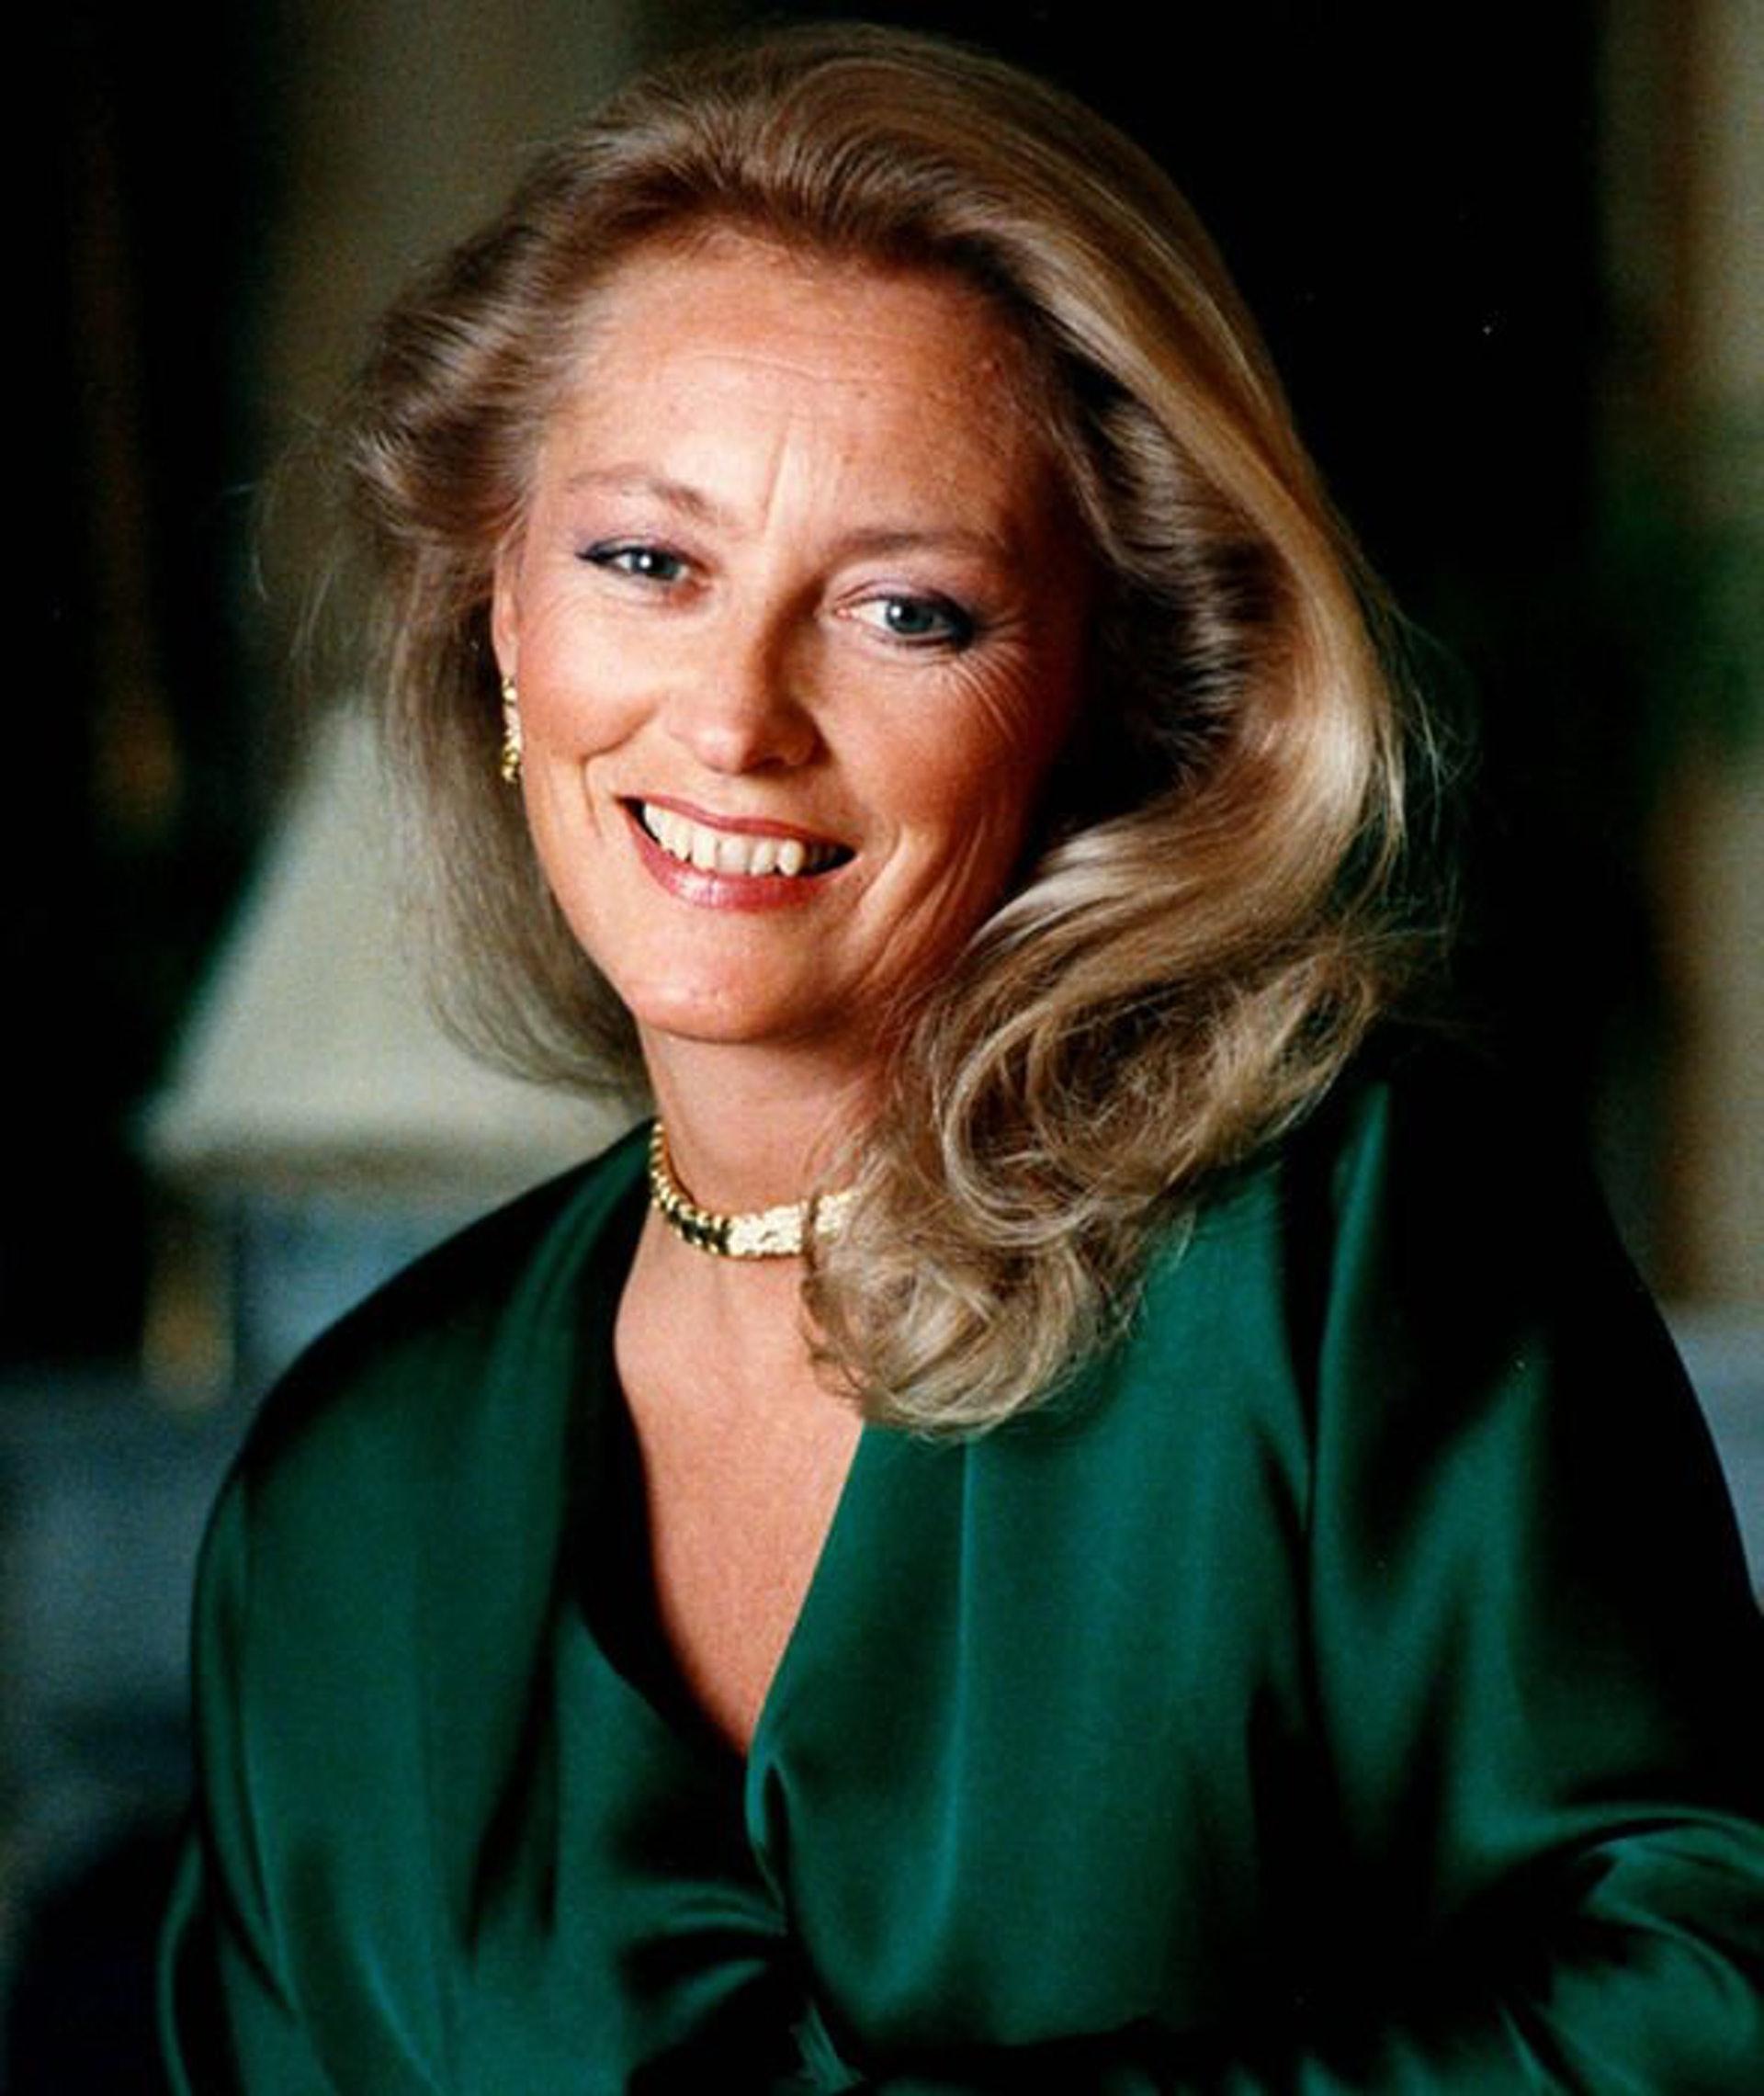 他说:「保拉在皇室并不快乐,我到访她在意大利的故乡,阳光明媚,食物也比比利时的她。而且,当她结婚时。」(Royal Ladies@Twitter)